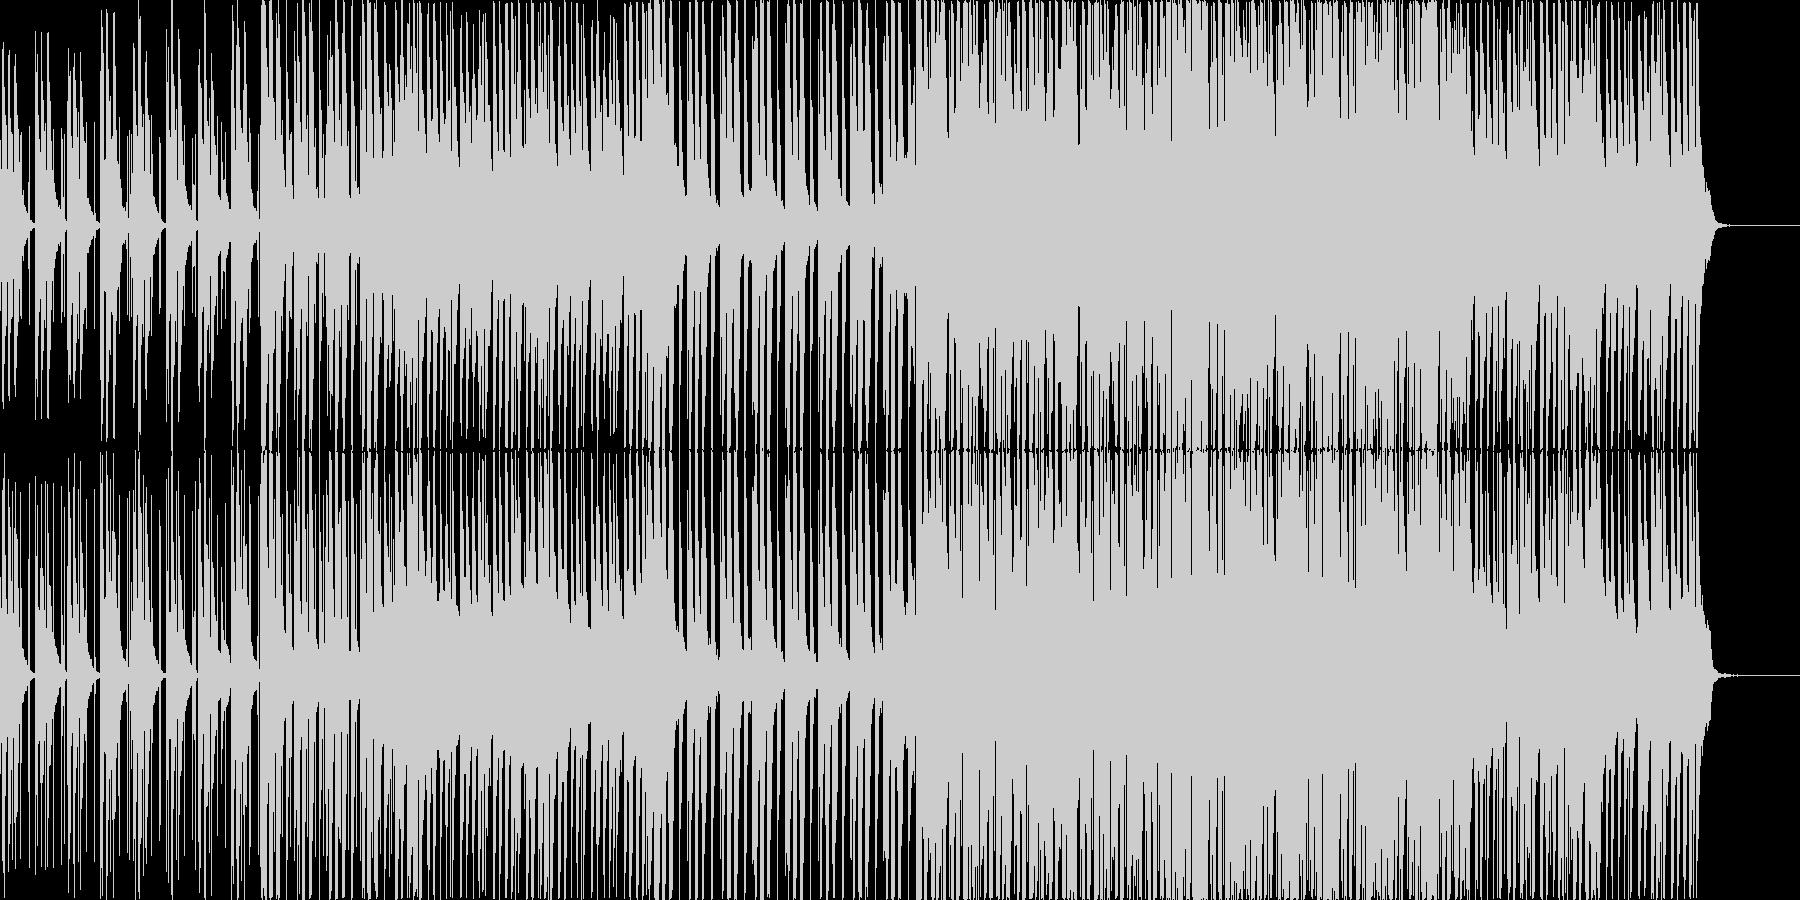 テンポ遅めのクールなピアノハウスの未再生の波形